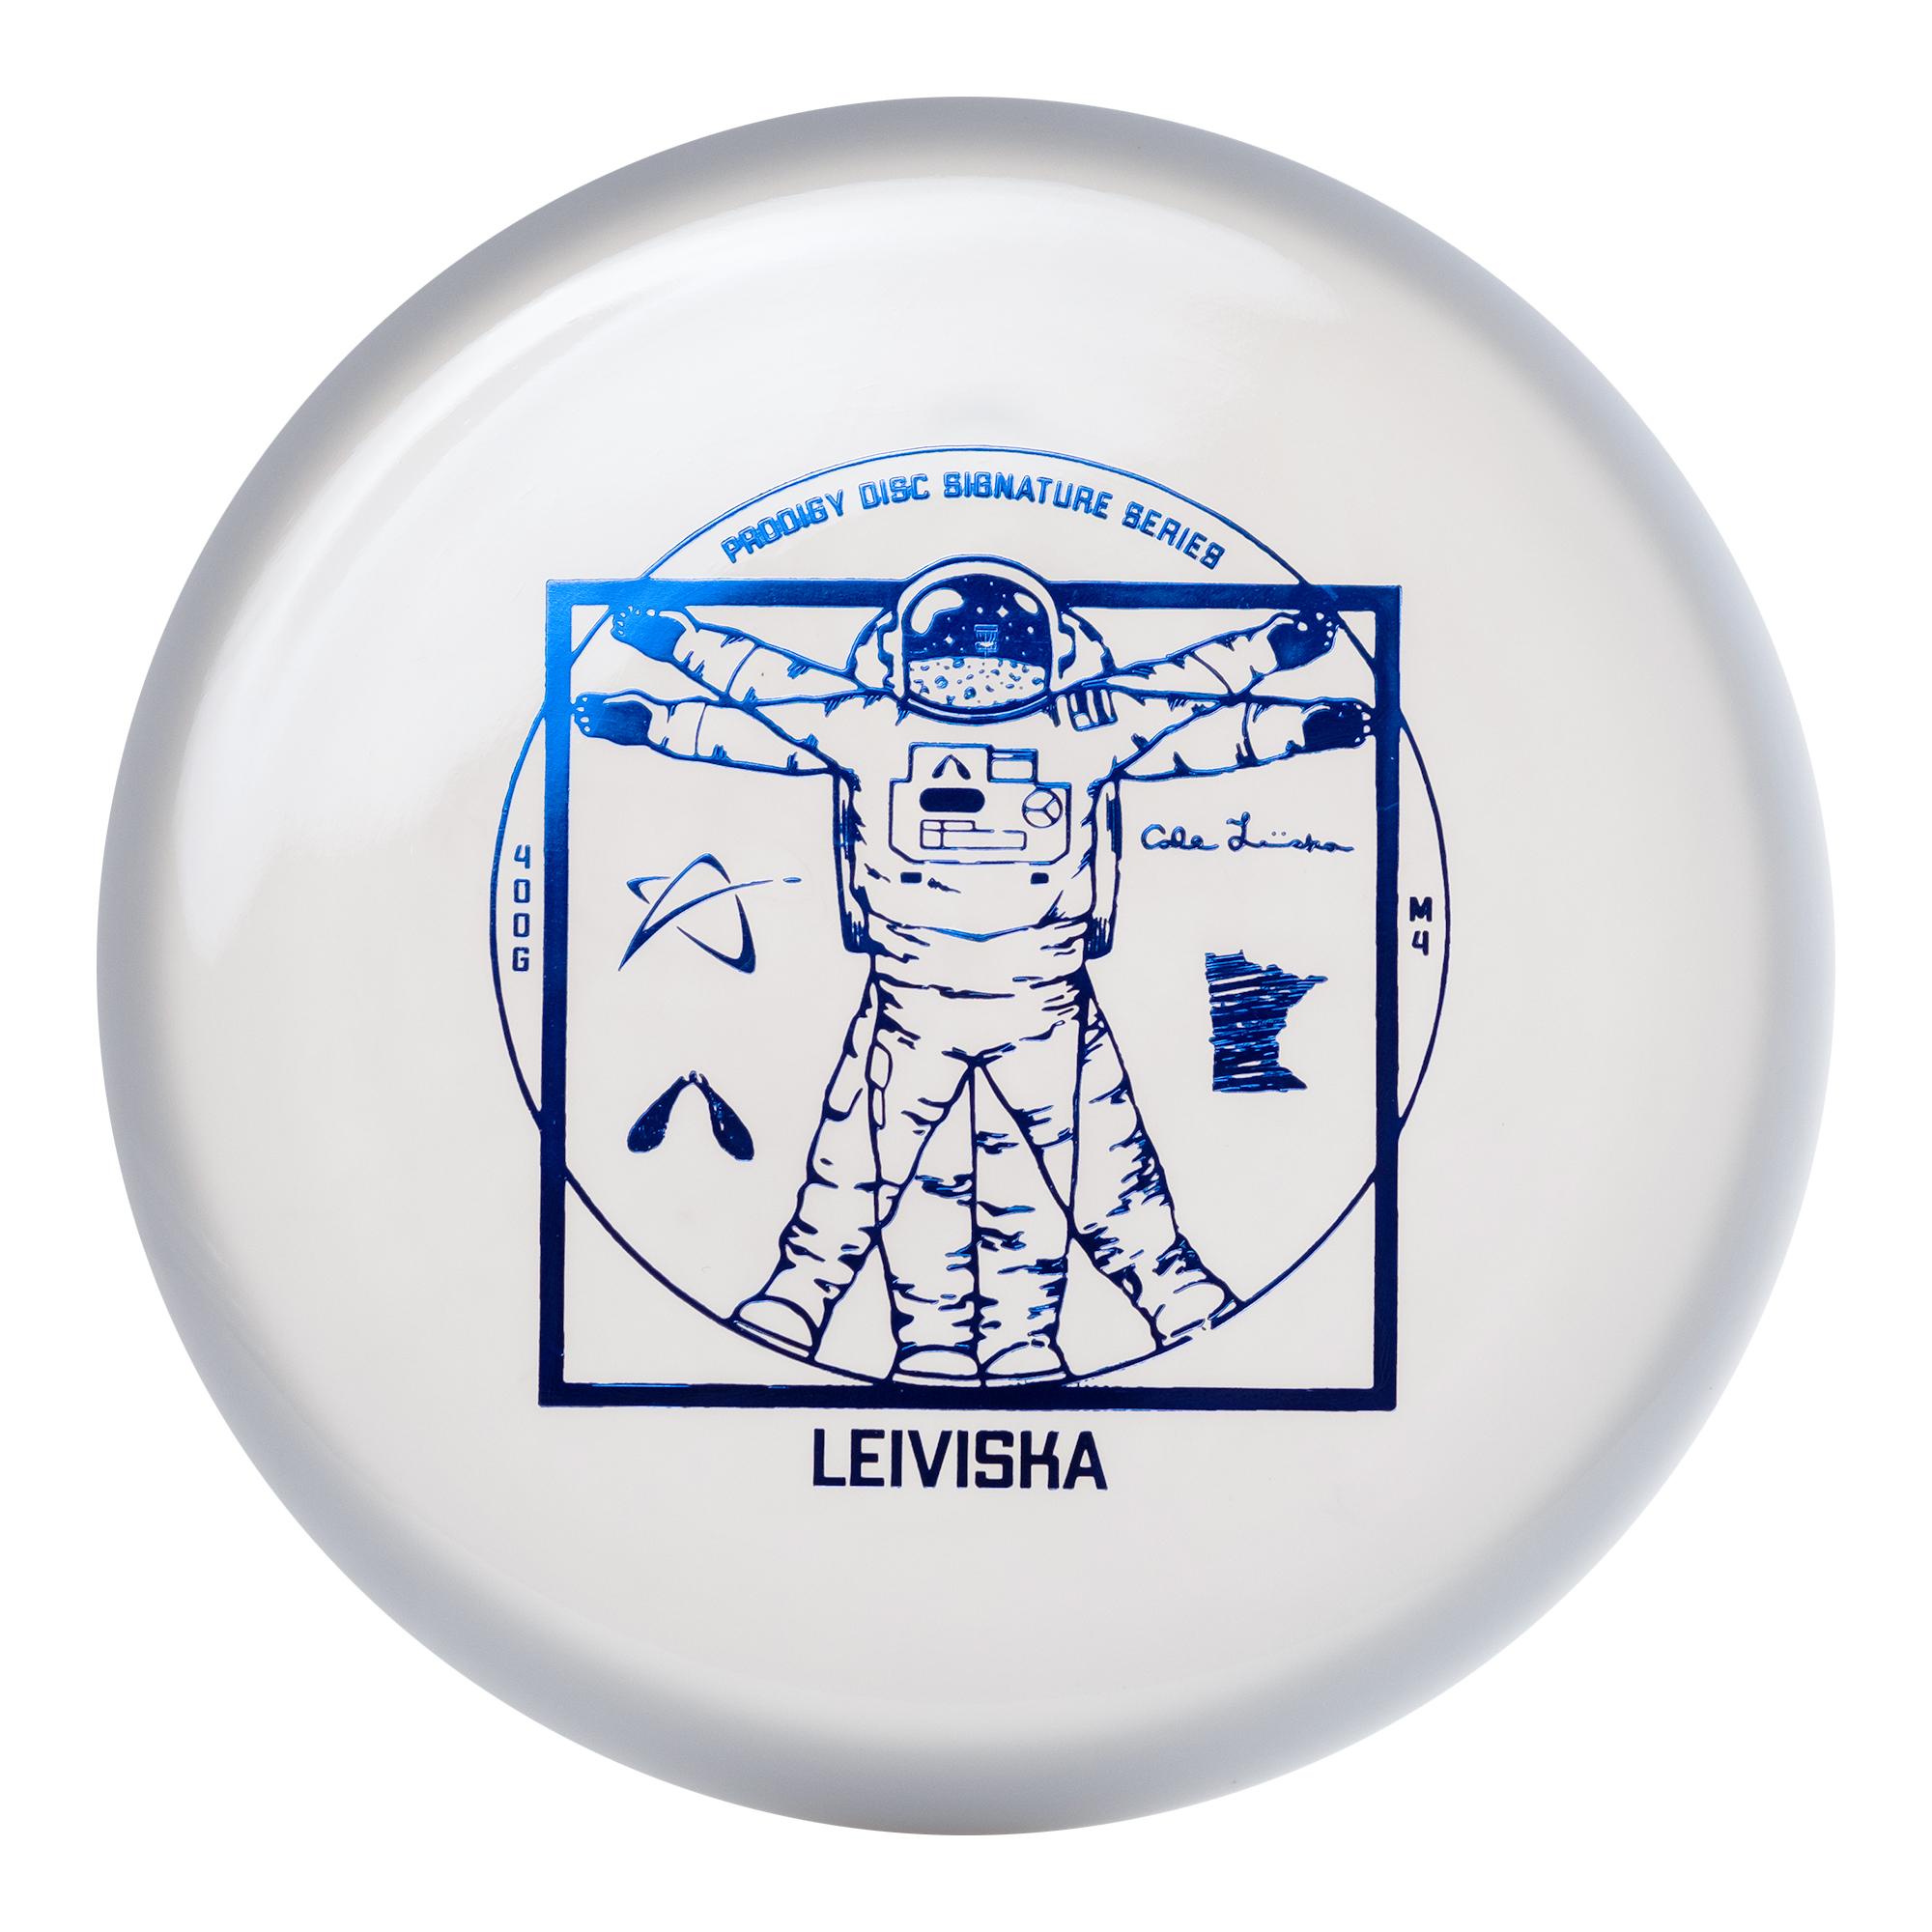 Cale_Leiviska_M4_400G_THUMBNAIL_BLUE.jpg